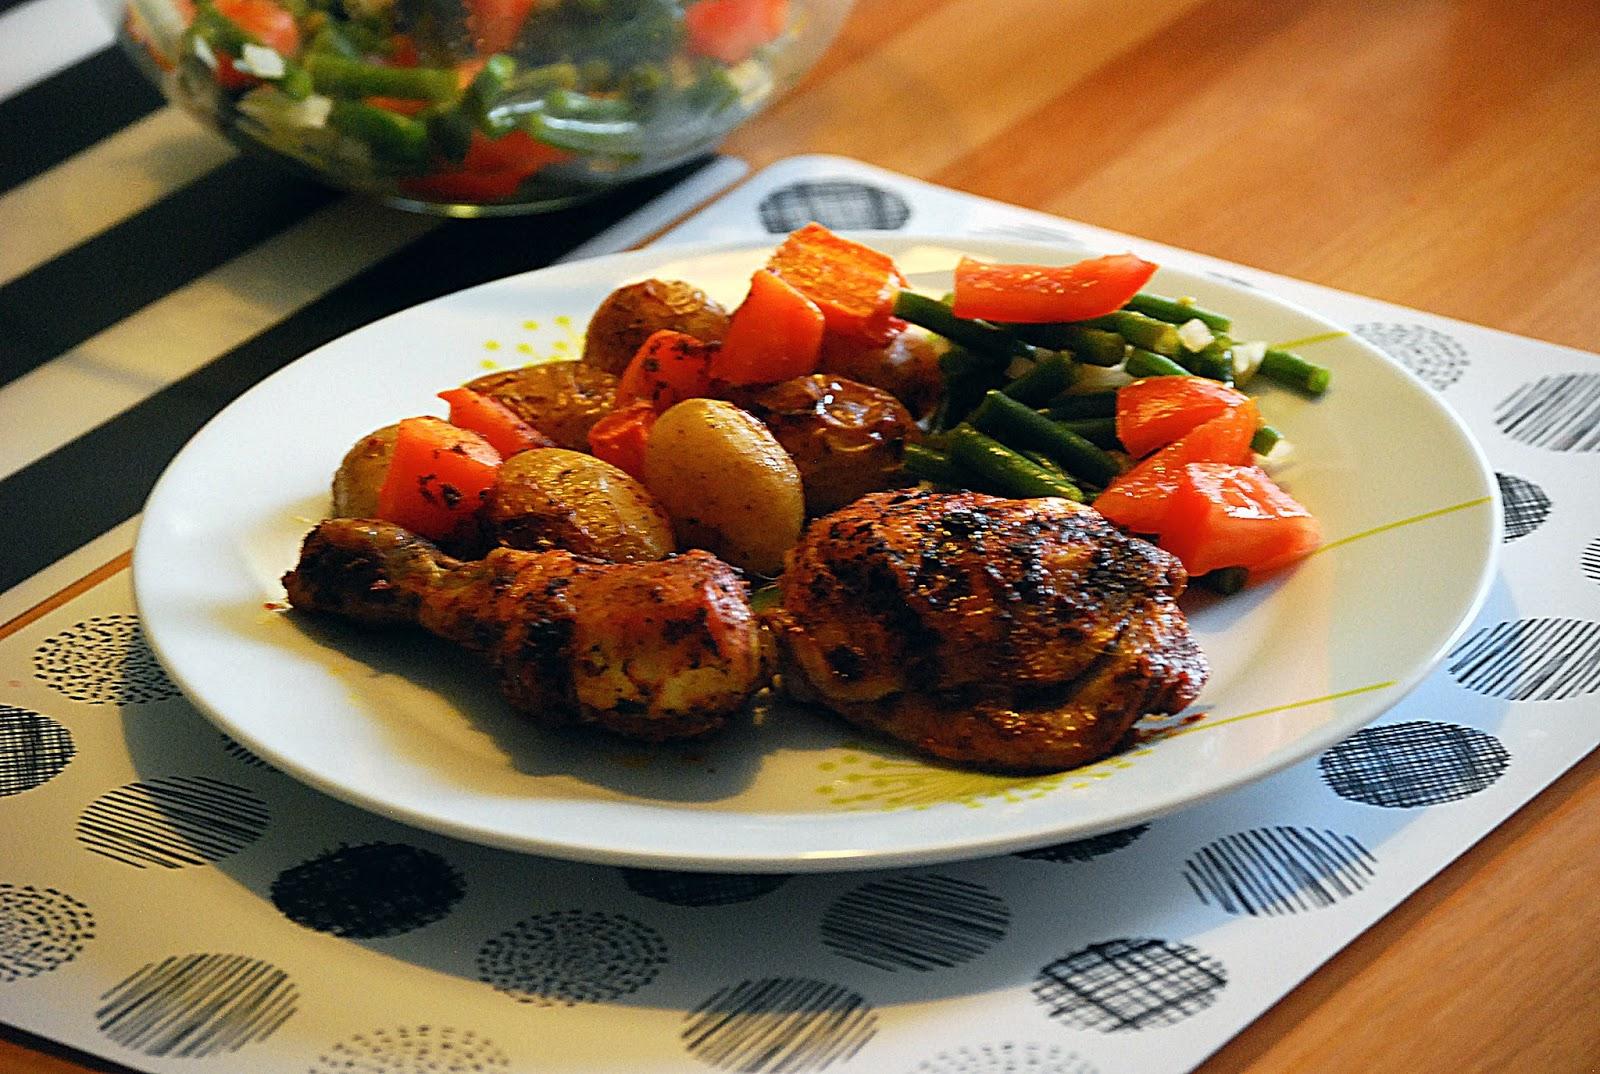 http://lunchkobietka.blogspot.co.uk/2014/11/udka-kurczaka-pieczone-z-ziemniaczkami.html